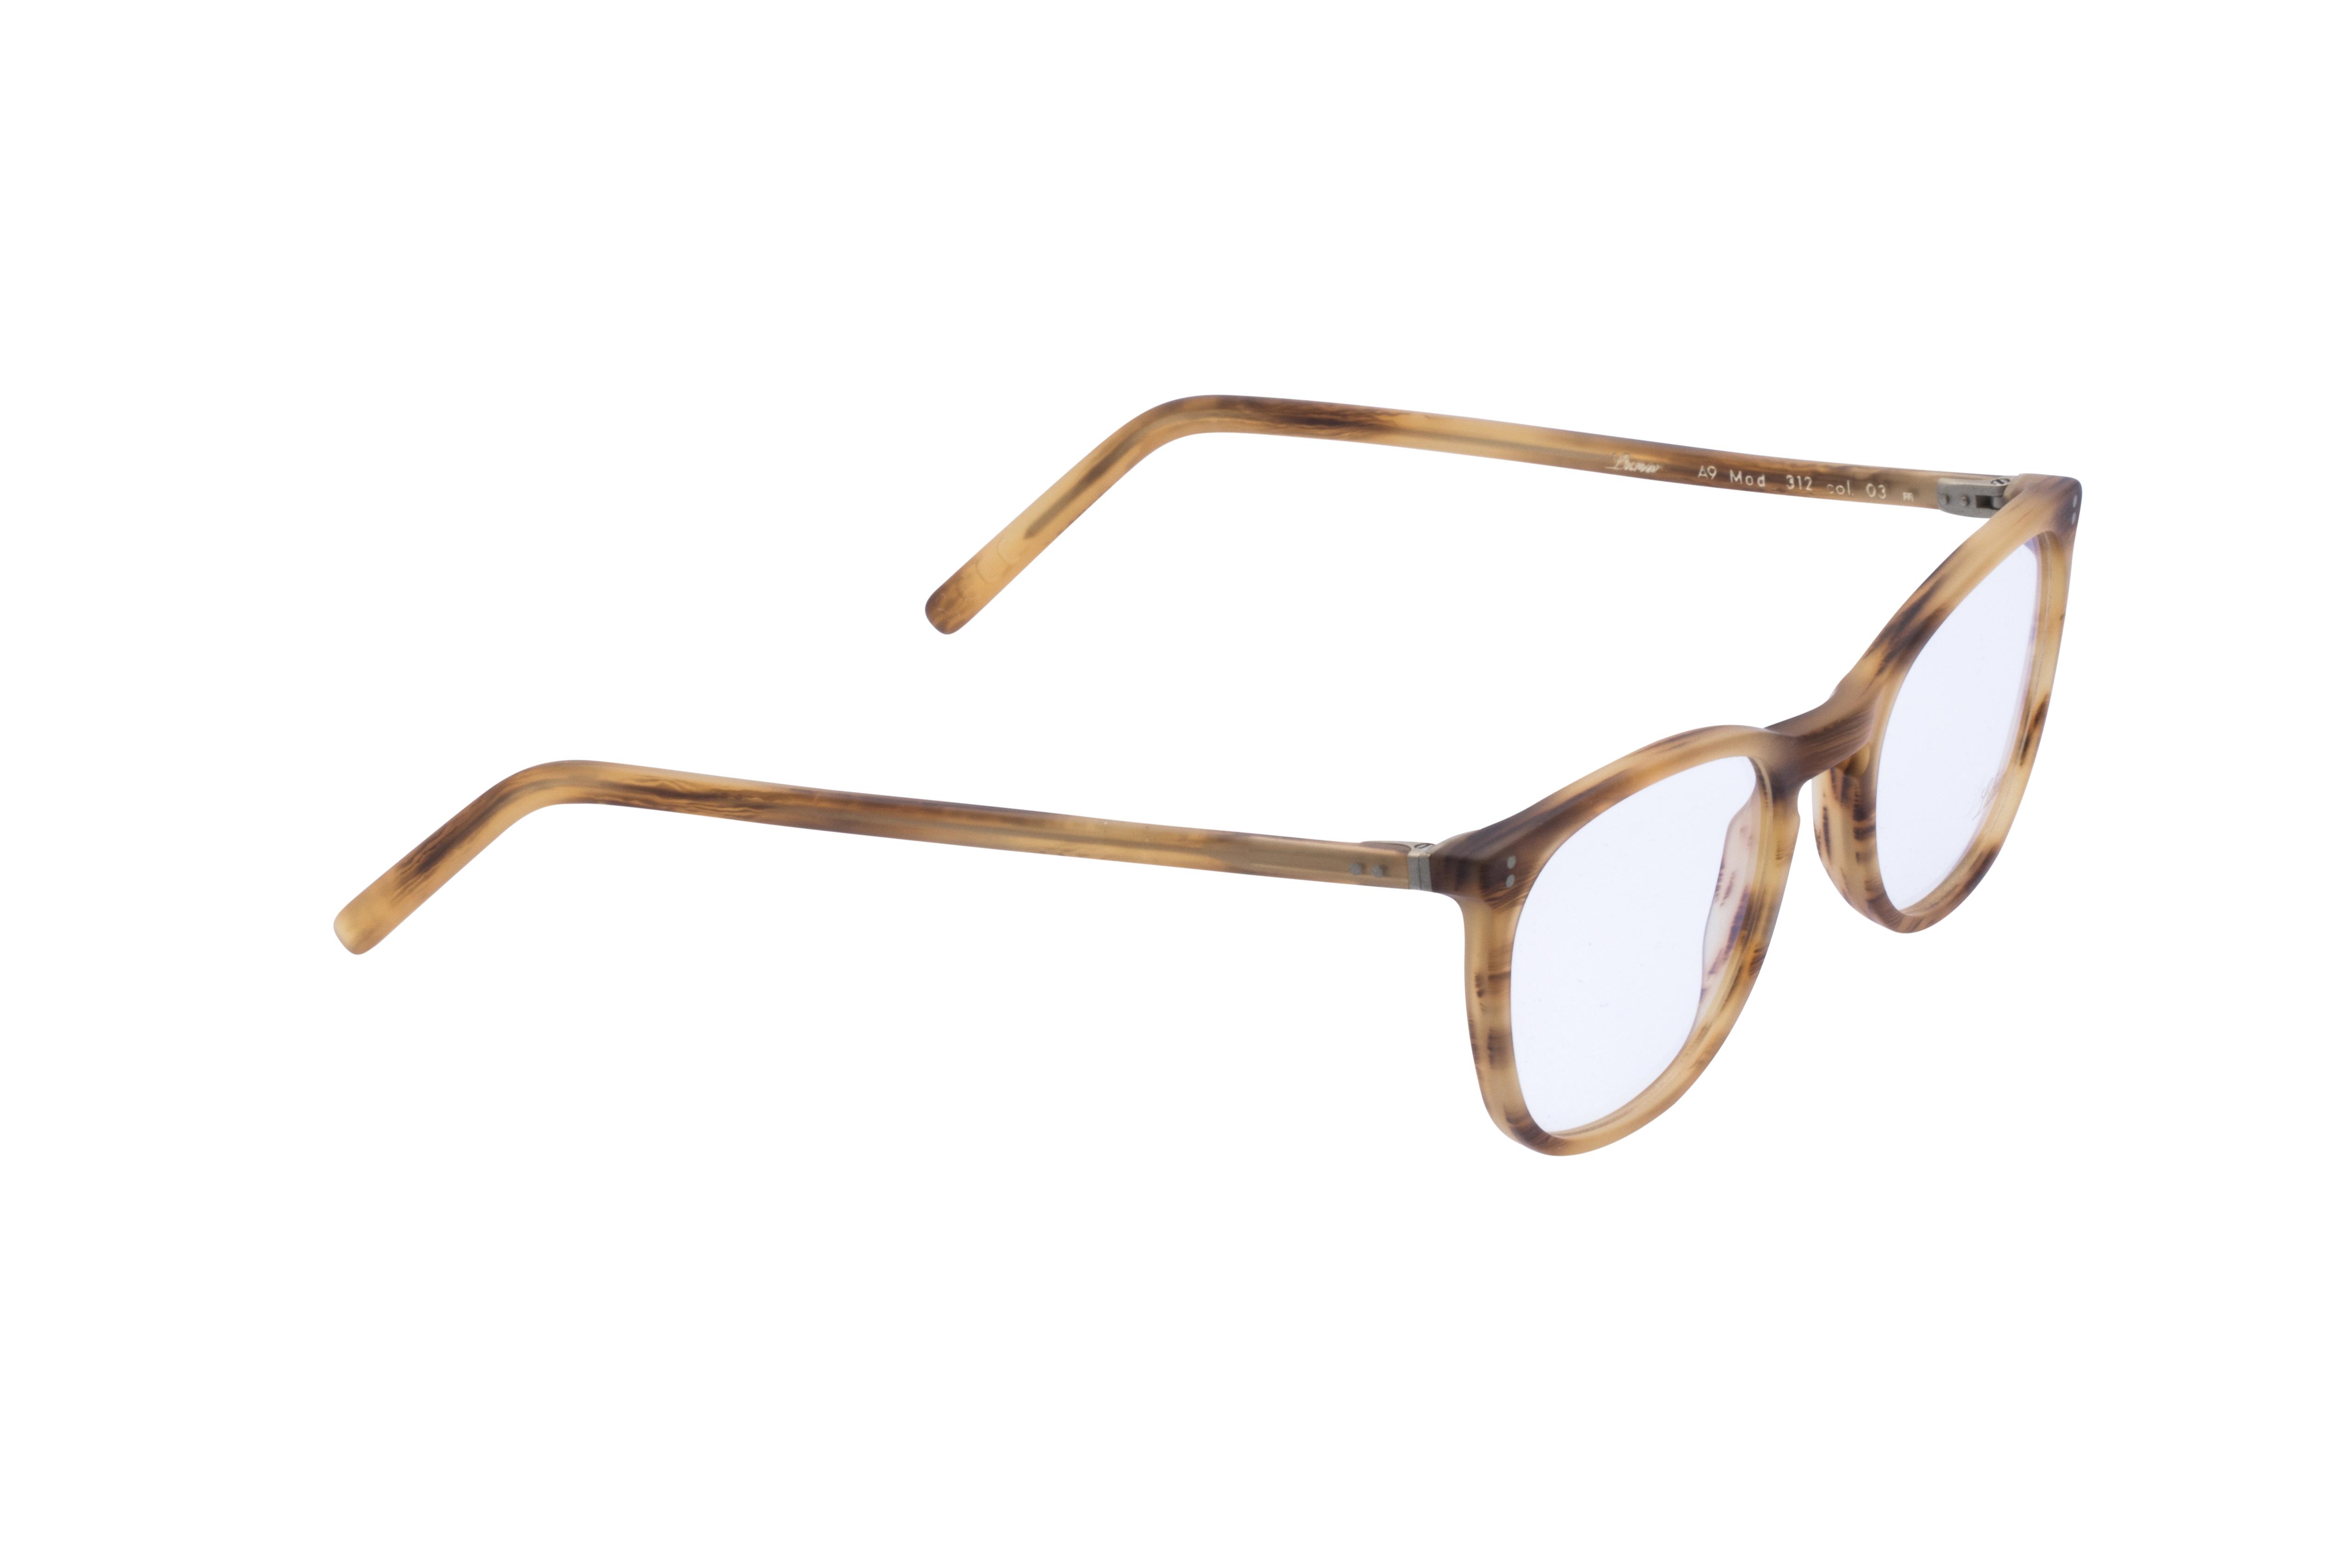 360 Grad Ansicht 4 Lunor 312, Brille auf Weiß - Fassung bei KUNK